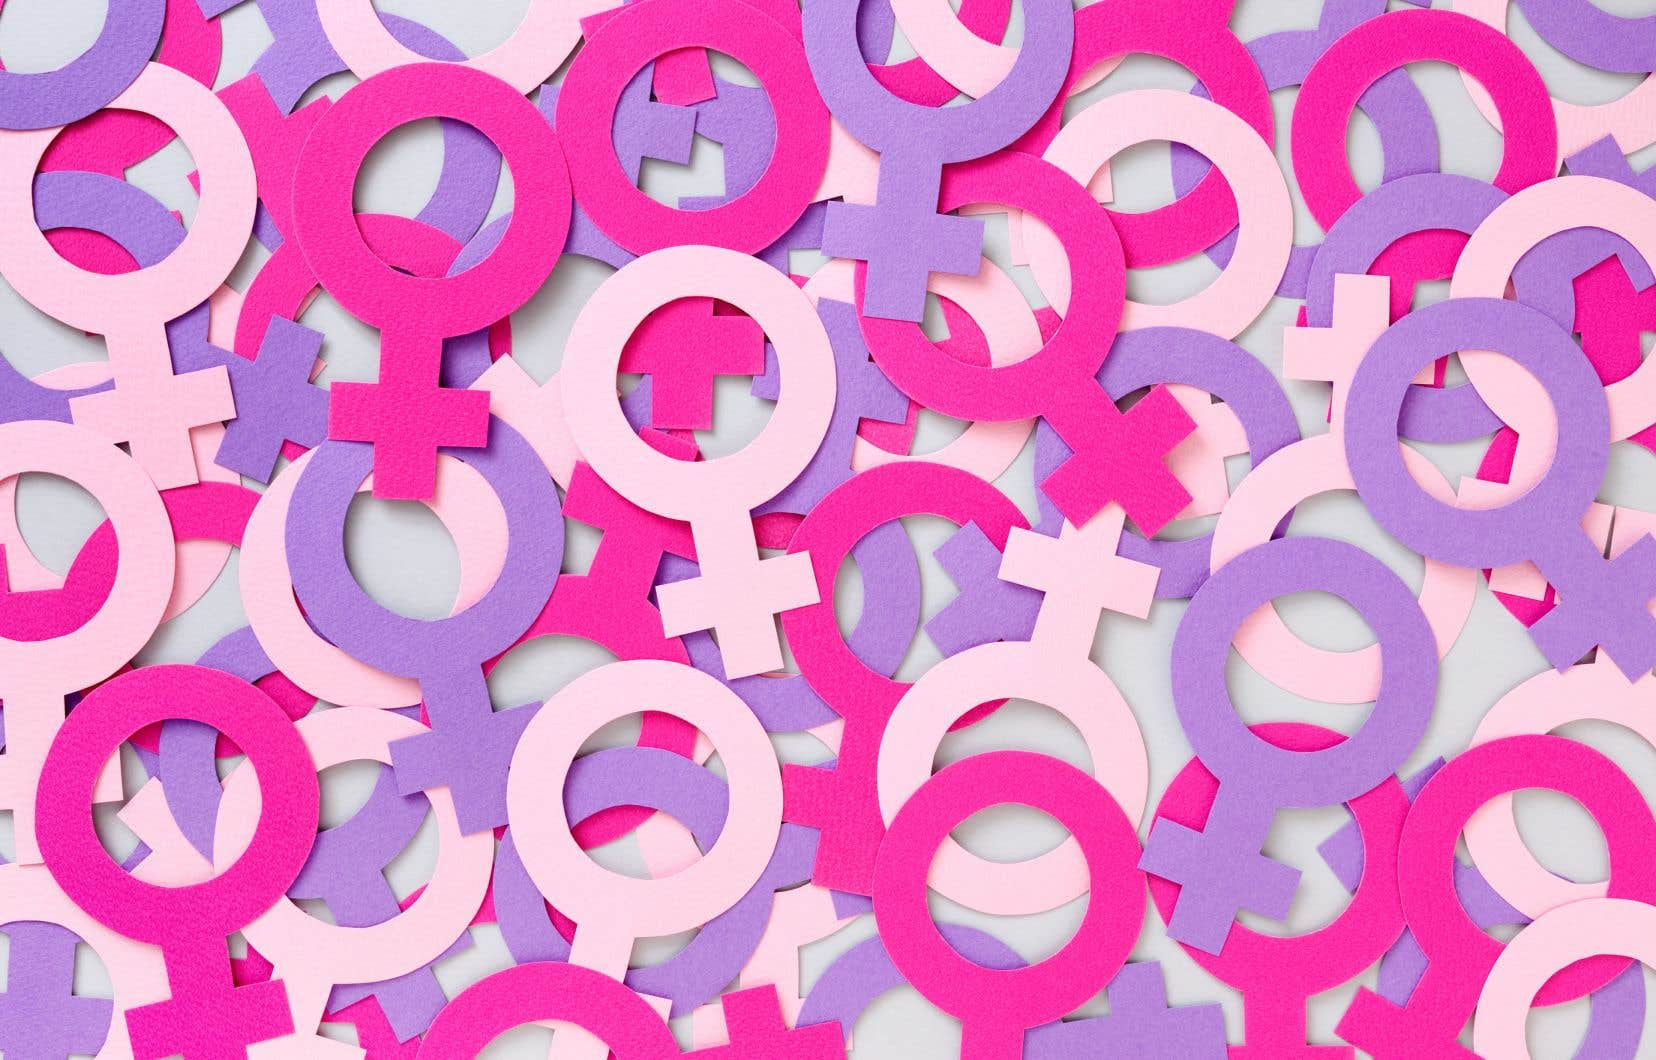 «La solidarité avec les femmes plus vulnérables (…) devrait nous inciter à aller au-delà de la confrontation idéologique qui prédomine pour faire front commun de façon à continuer à faire avancer les droits des femmes sans cesse fragilisés», affirment les auteures.